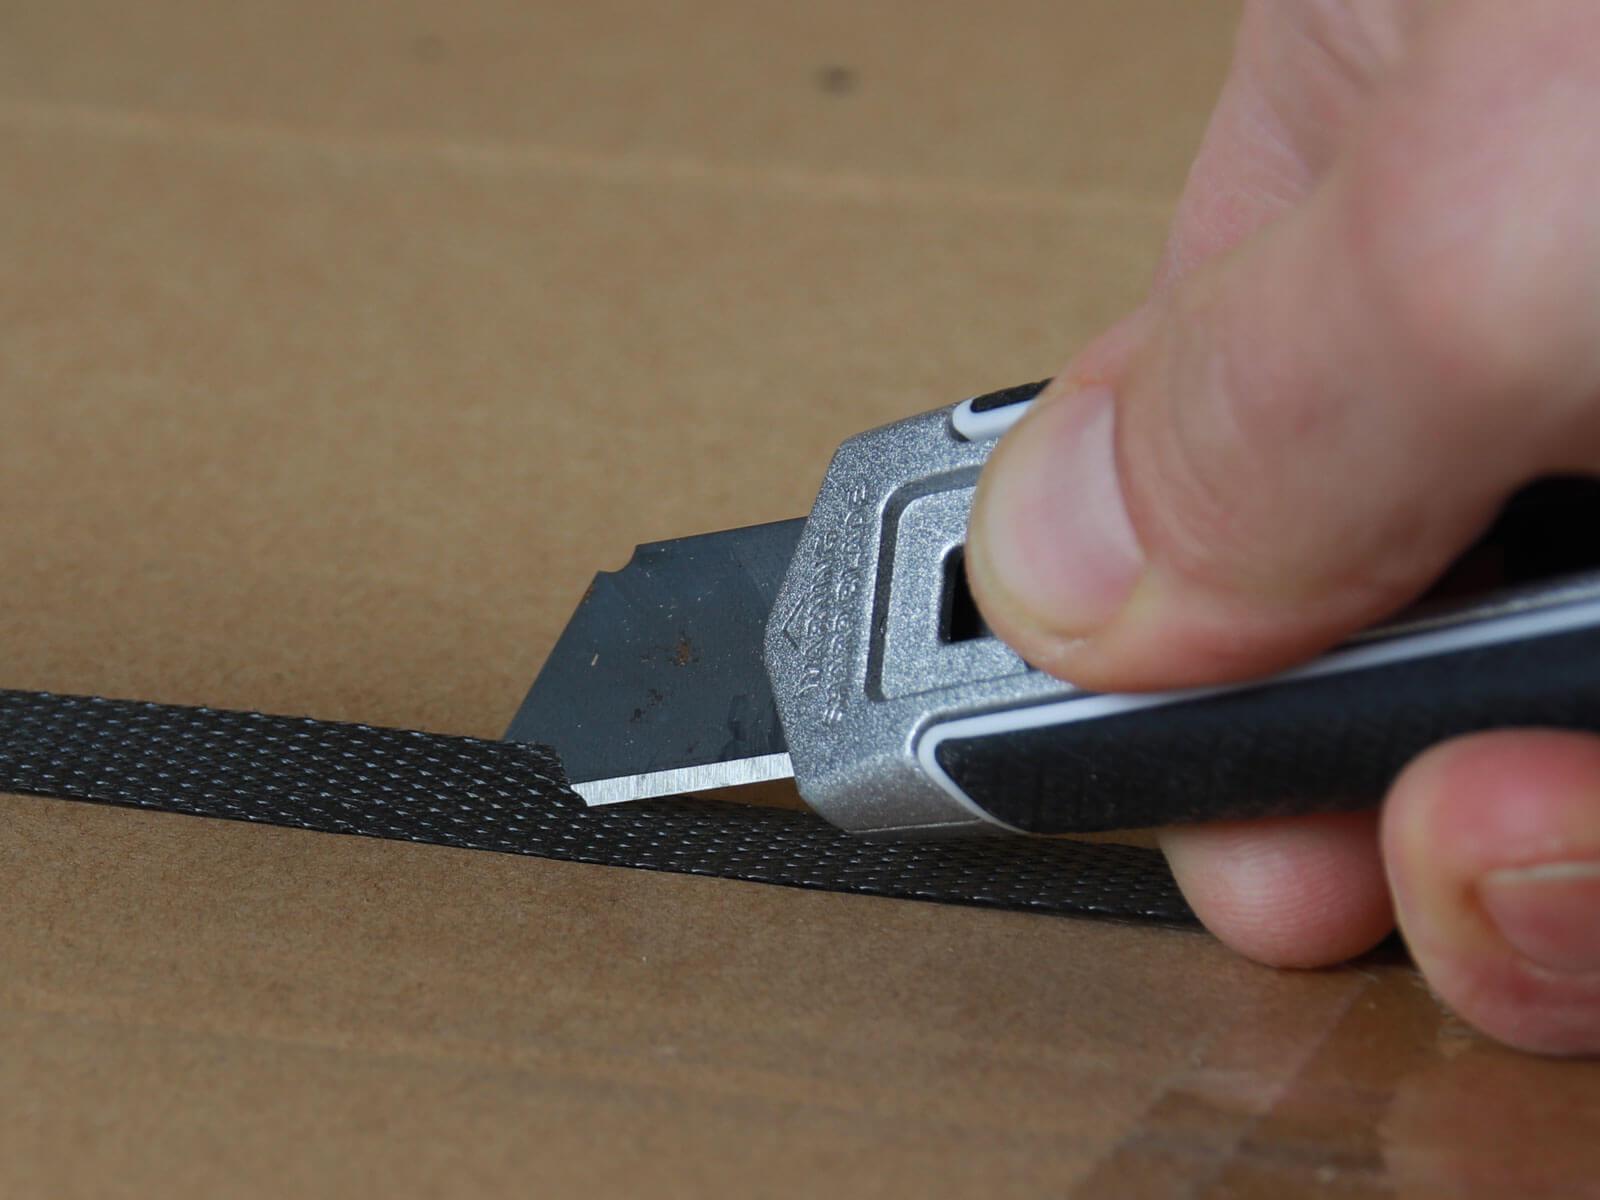 U002 Sicherheitsmesser automatischer Klingenrückzug lang Umreifungsband schneiden CURT-tools